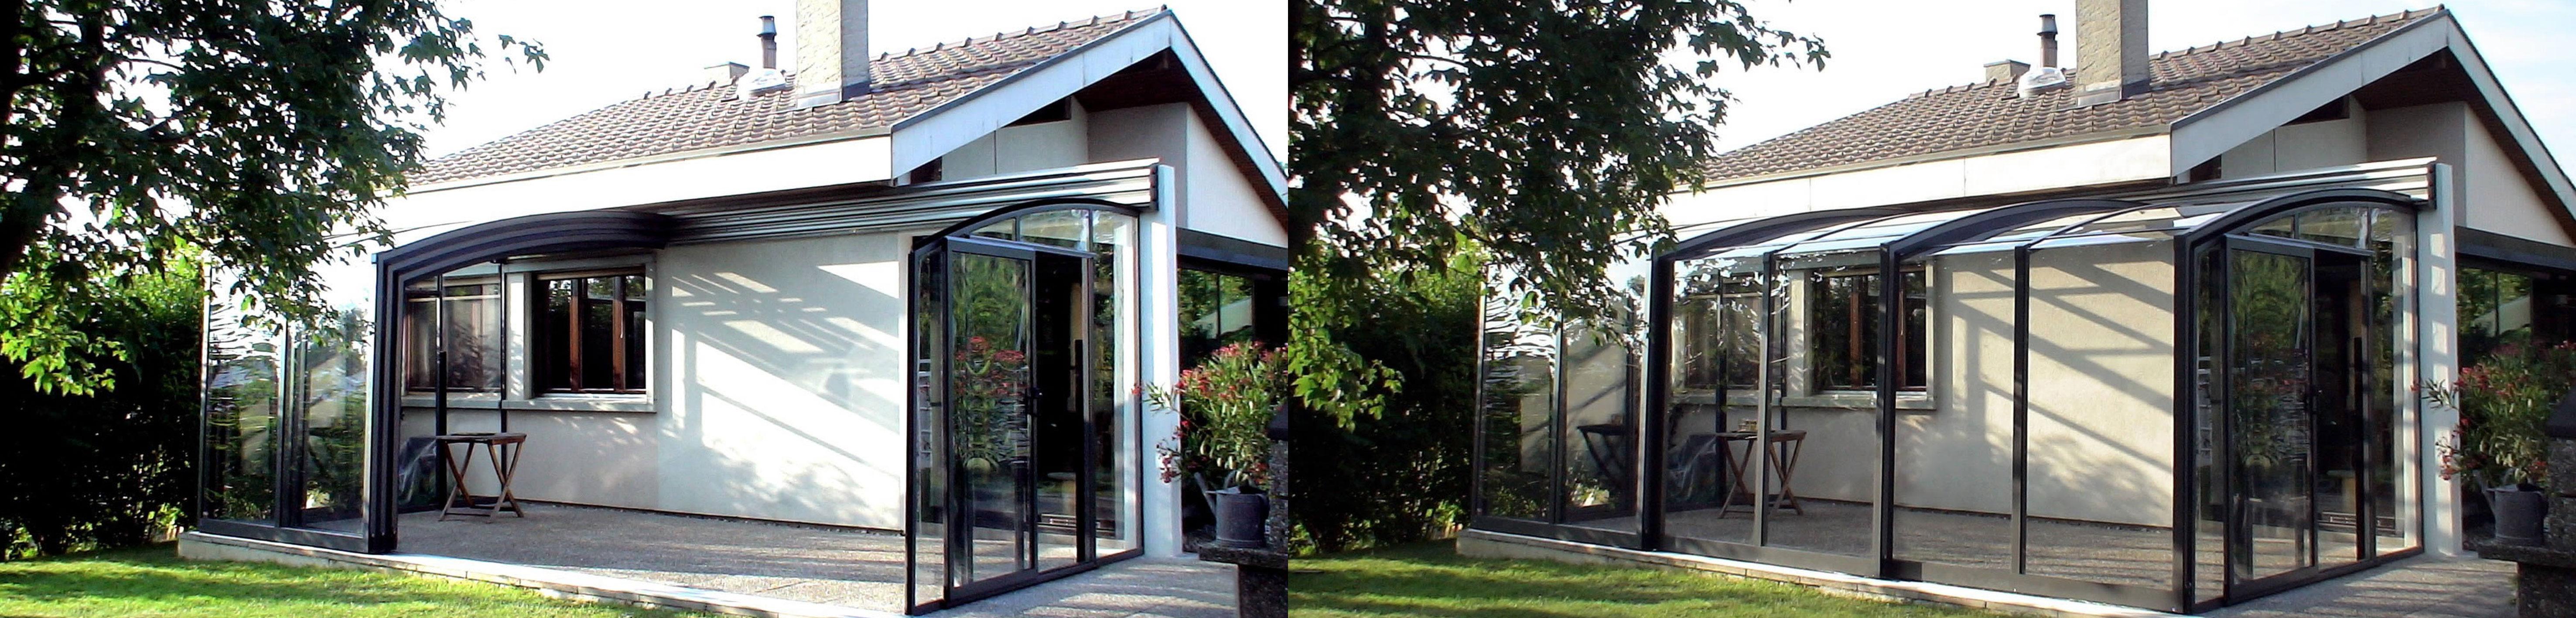 Terrassendach - Terrassenüberdachung - verschiebbar